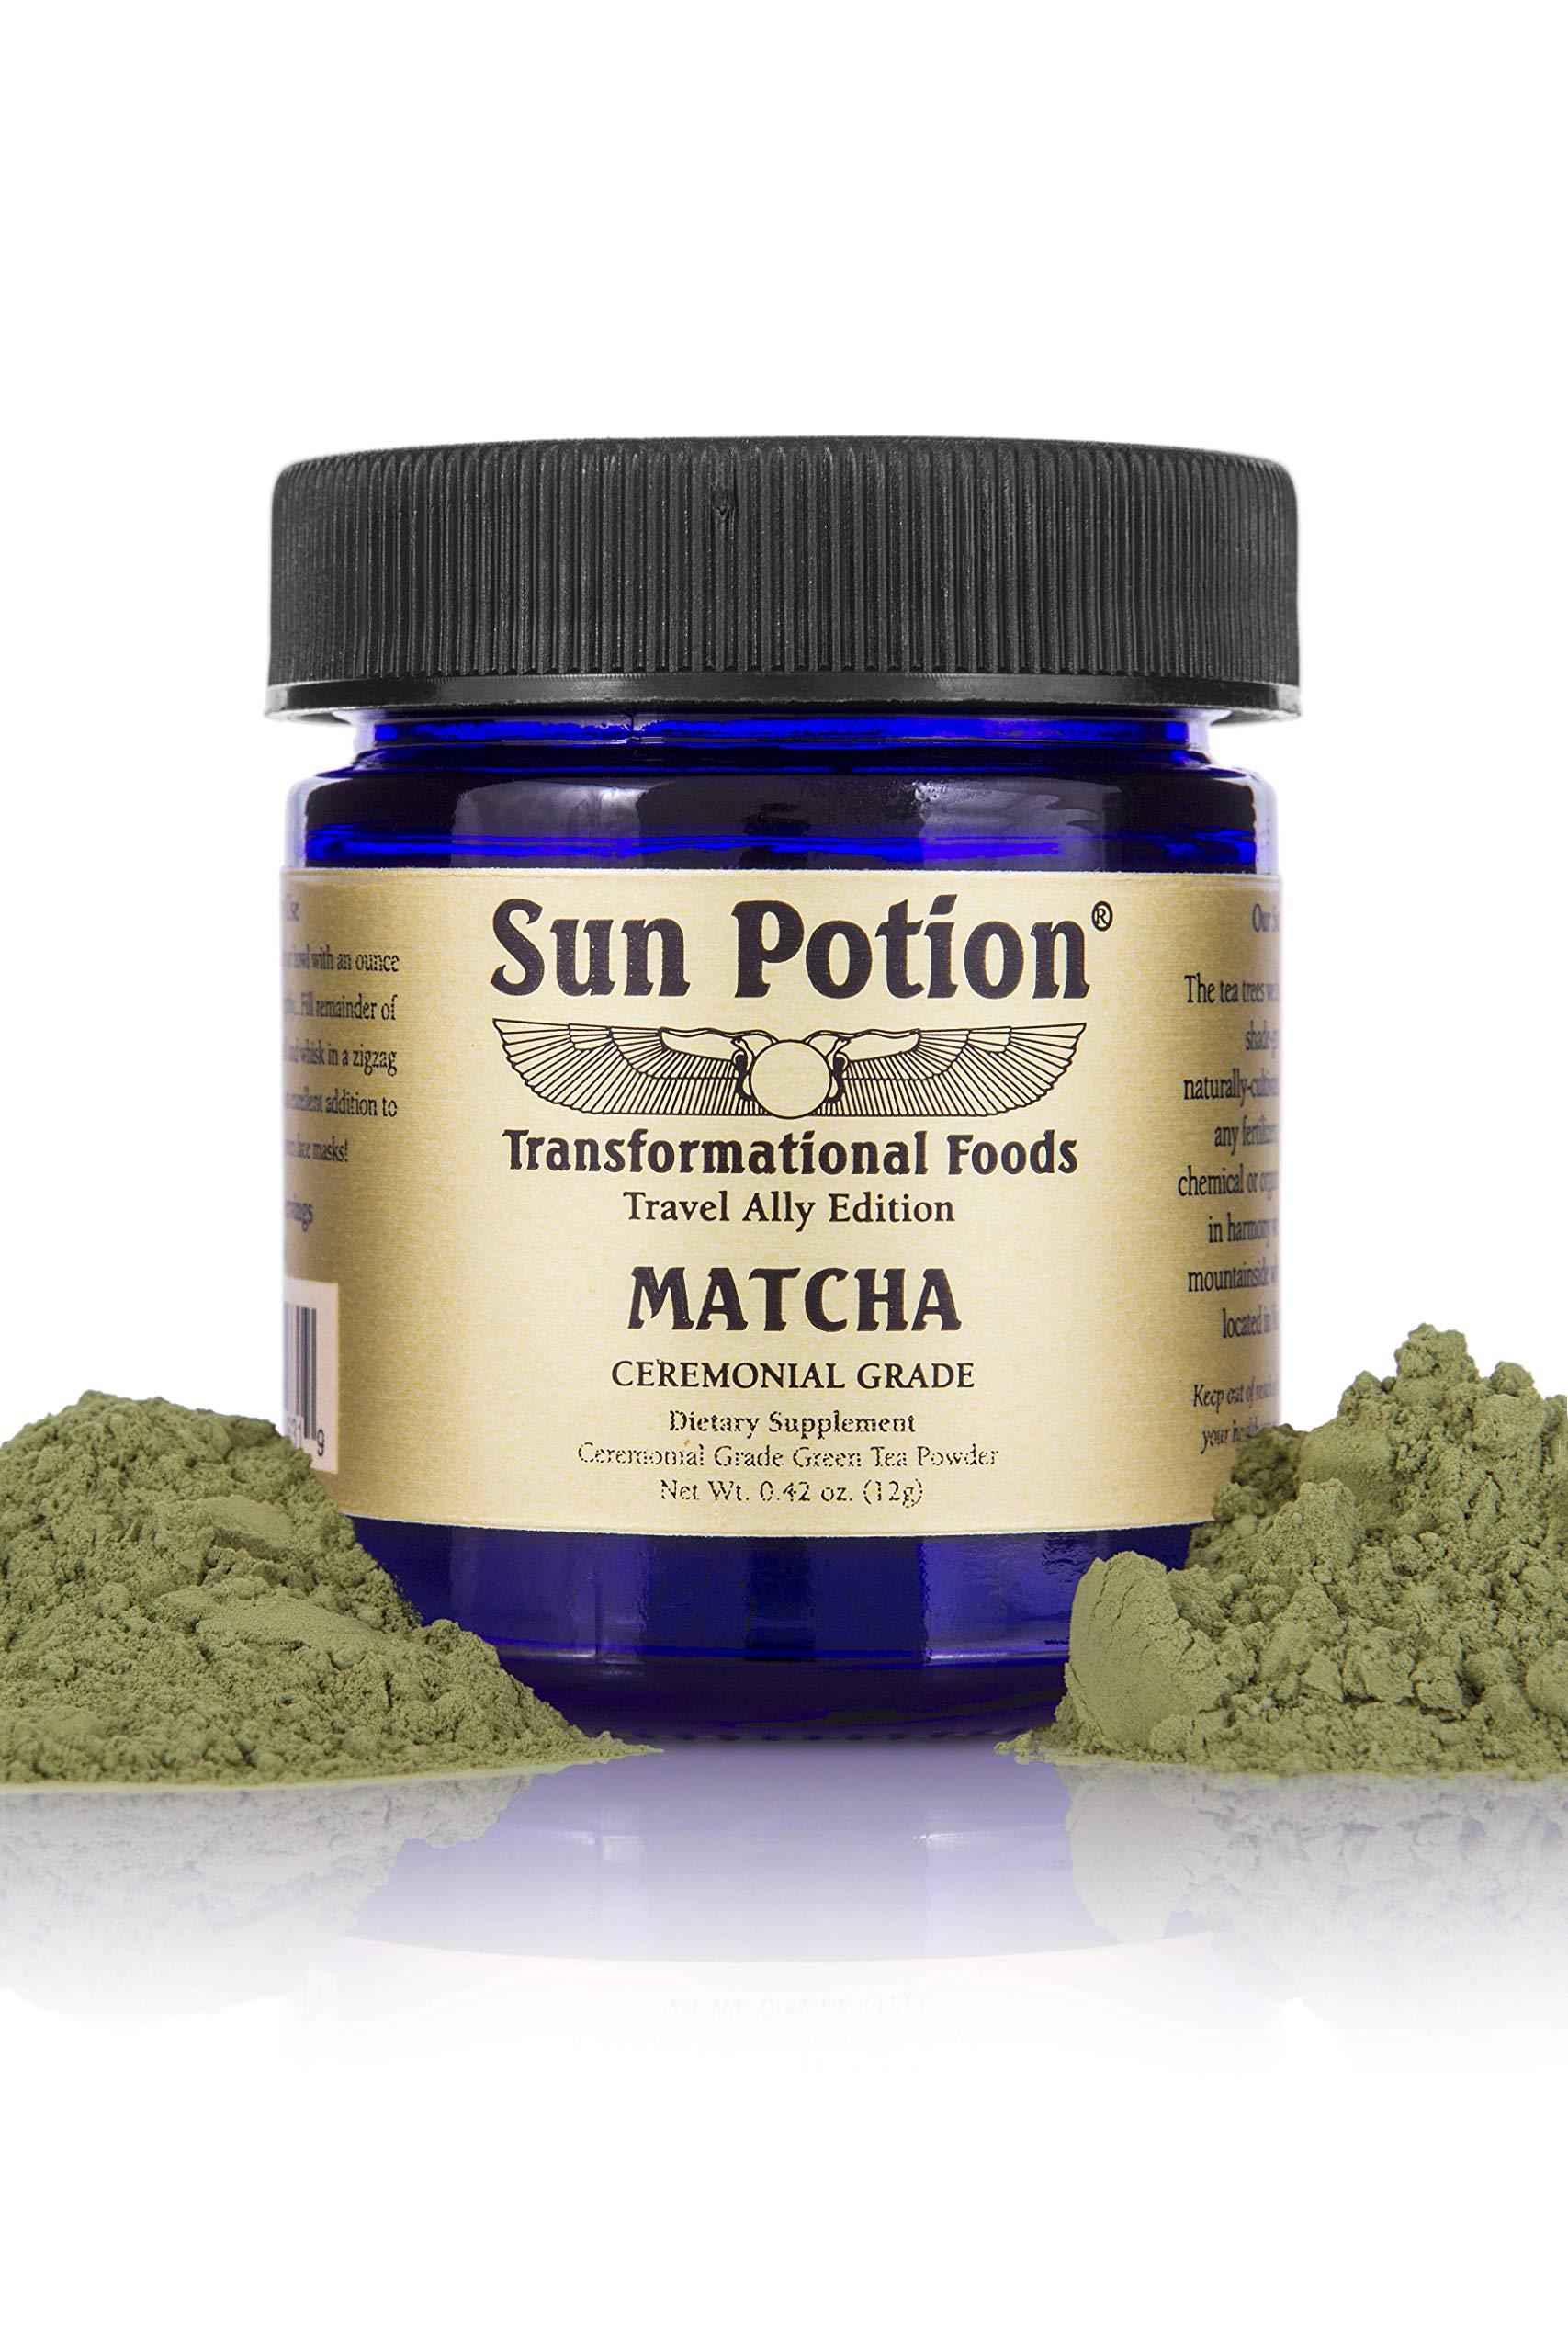 Sun Potion White Dragon Matcha - Ceremonial Grade Green Tea Powder (12) by Sun Potion